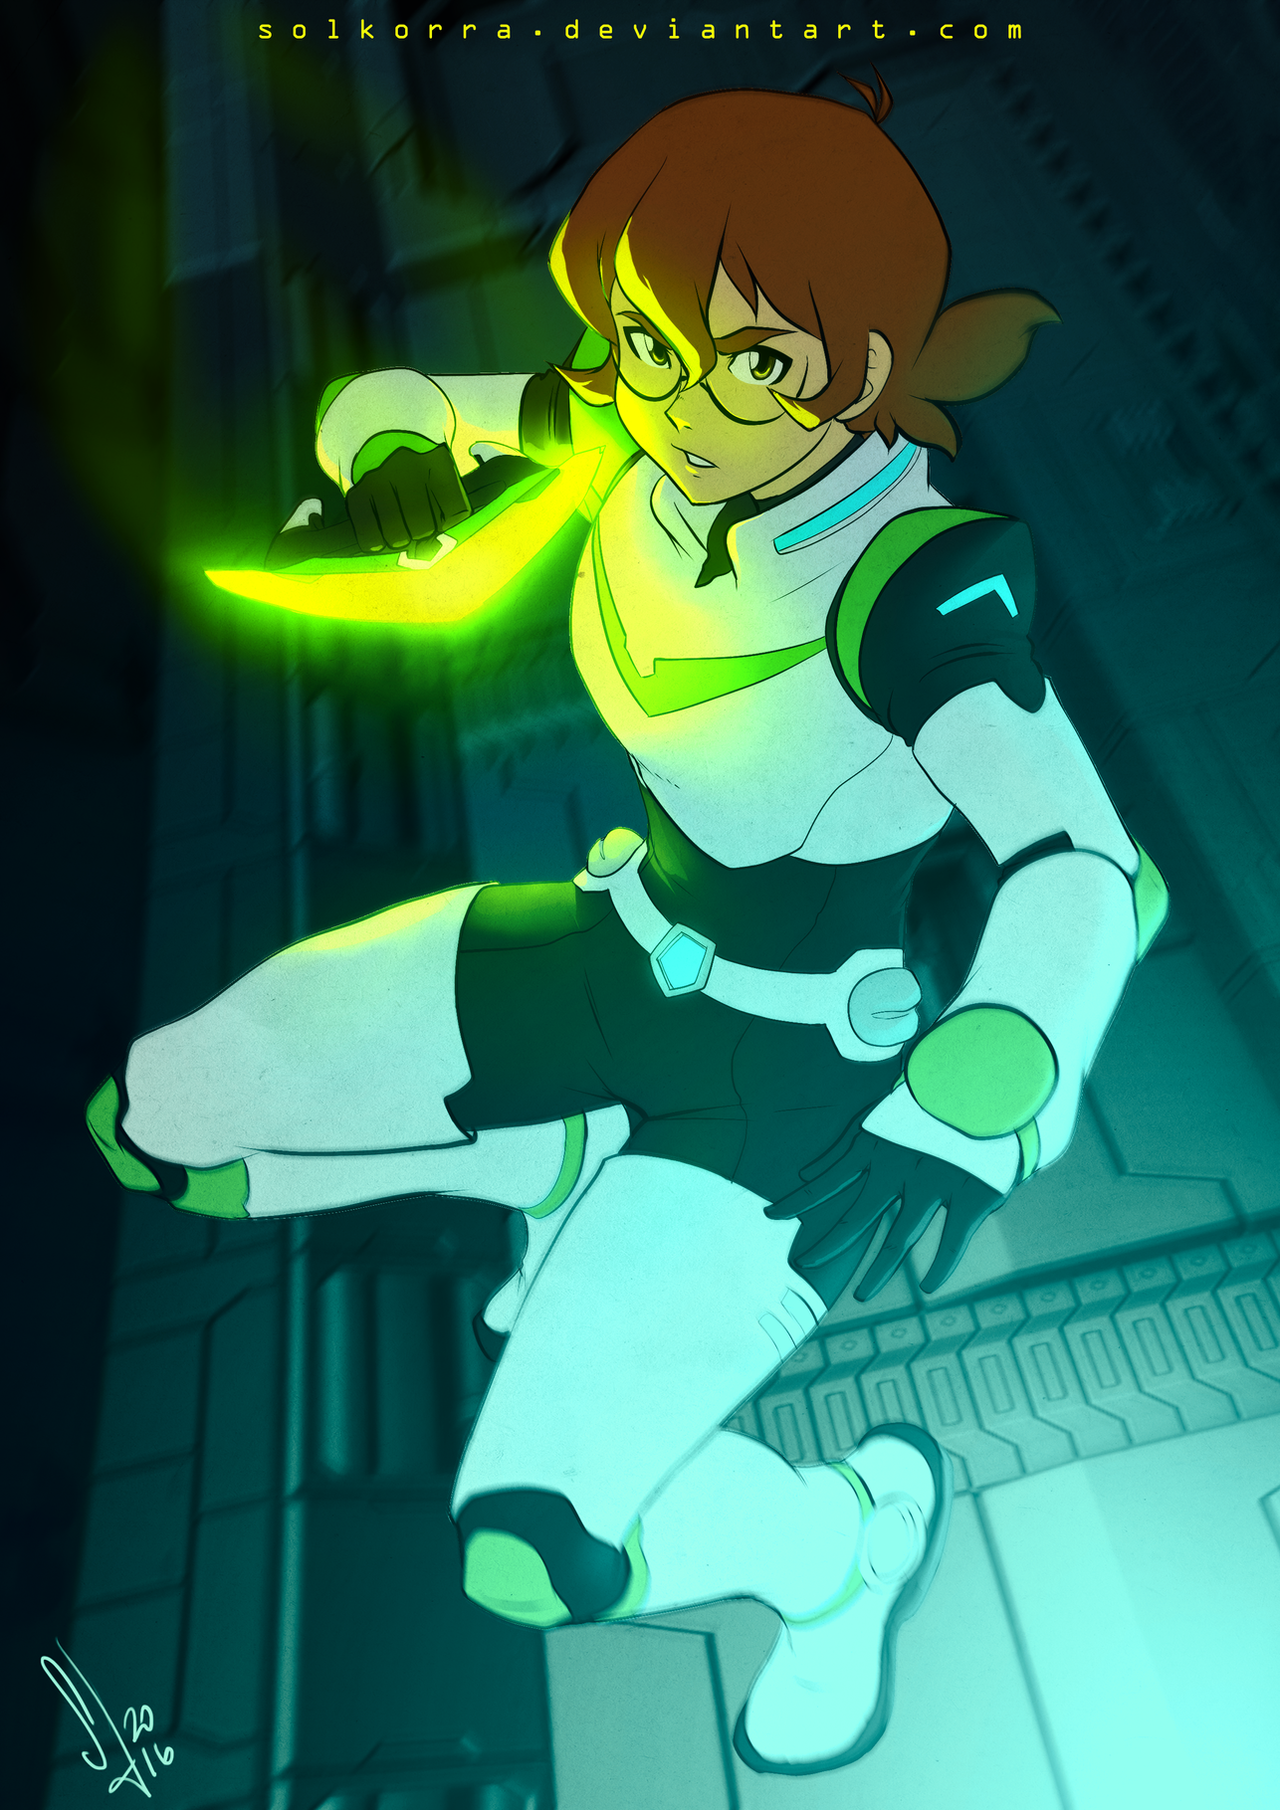 Pidge Ready for Fight! by SolKorra